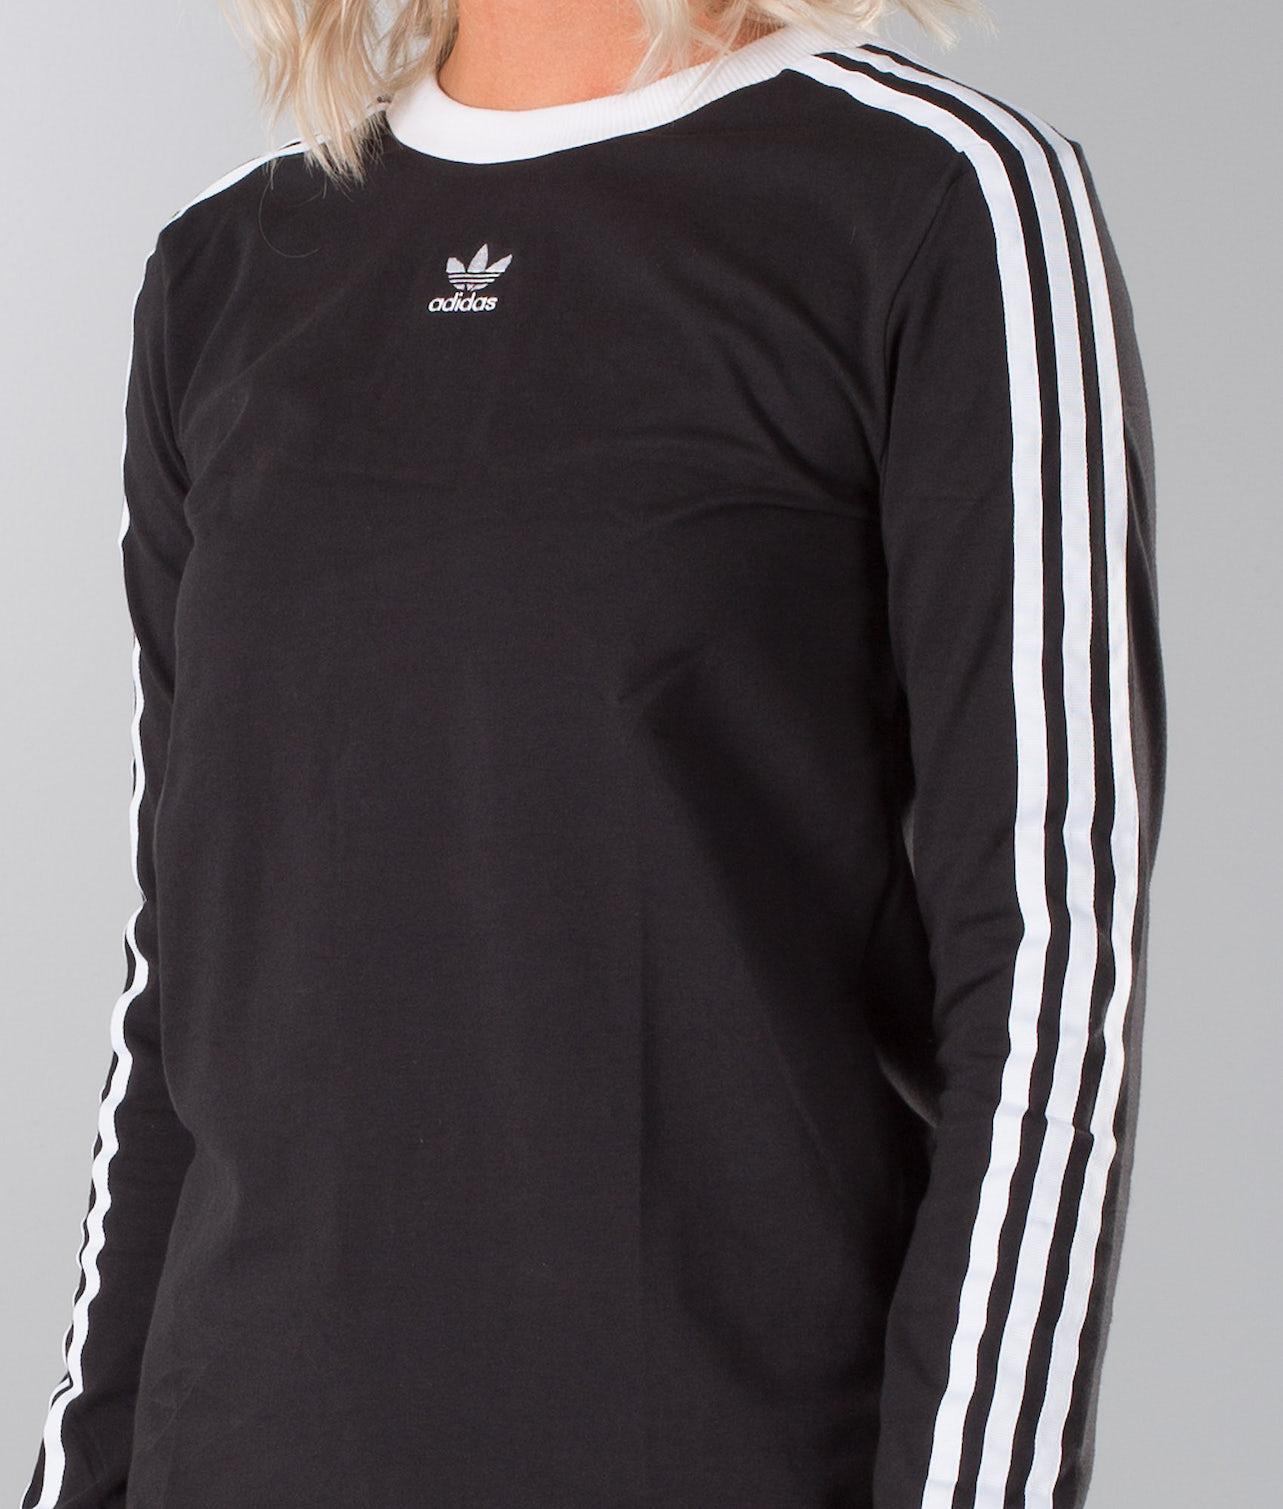 3 Stripes | Achète des Longsleeve de chez Adidas Originals sur Ridestore.fr | Bien-sûr, les frais de ports sont offerts et les retours gratuits pendant 30 jours !